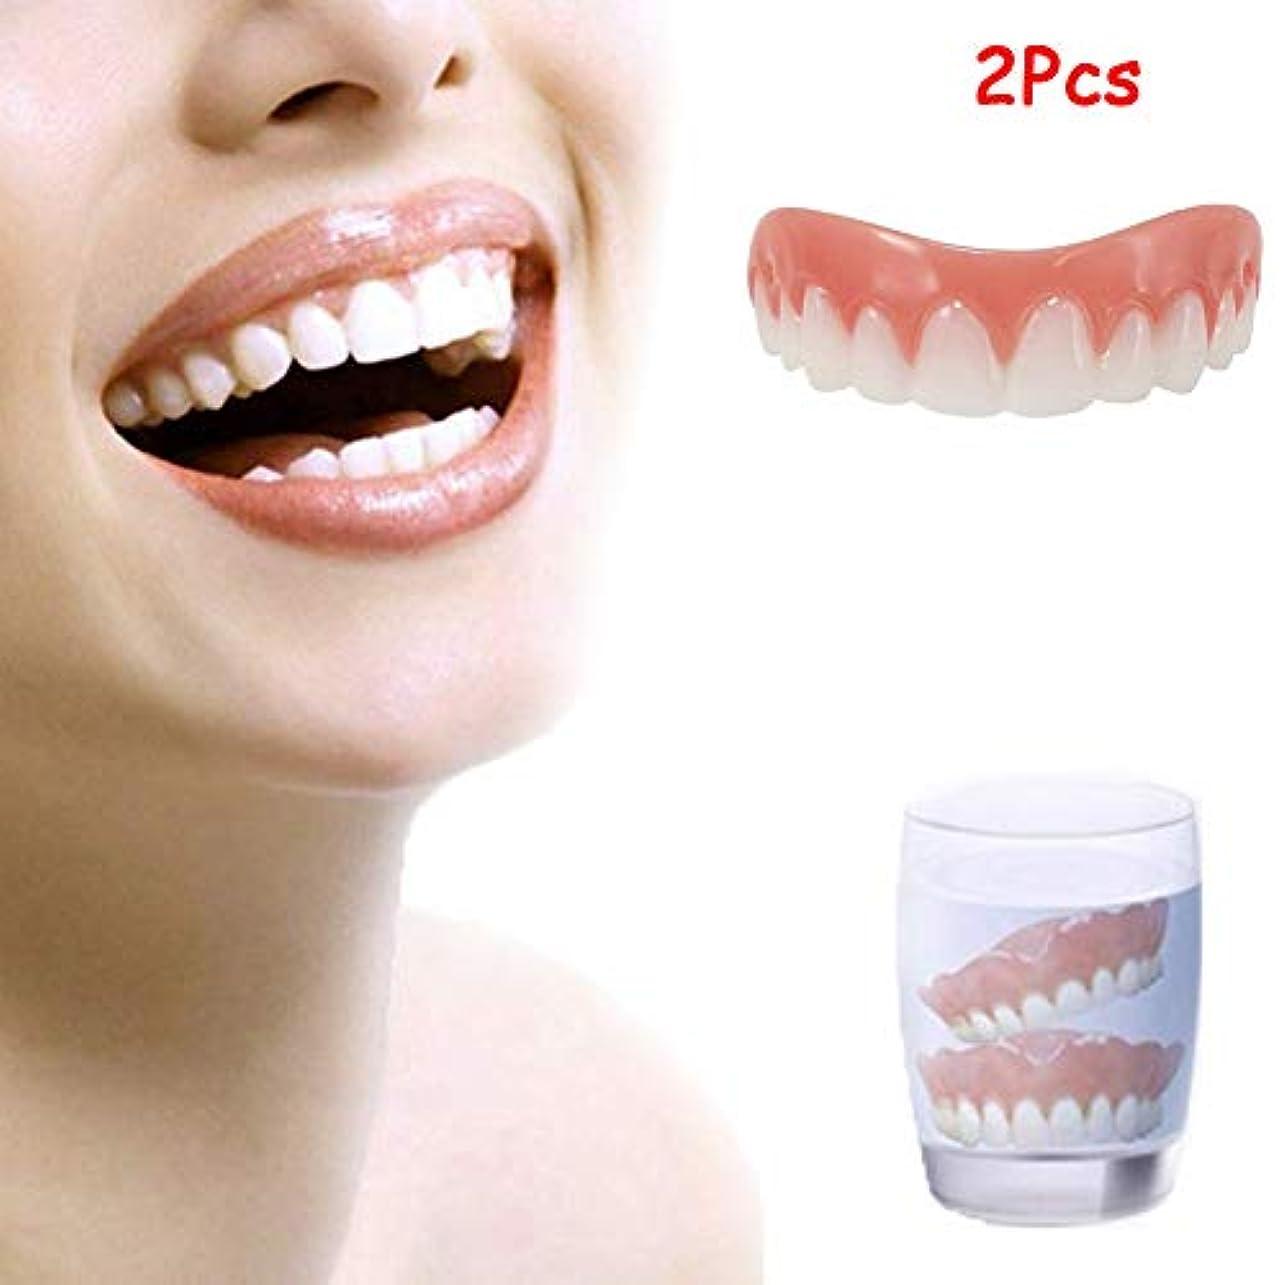 つかむさびたに同意する歯科用ベニヤホワイトニングデンタルインスタントパーフェクトスマイルアップアンドダウン快適なスナップインフェイクティース